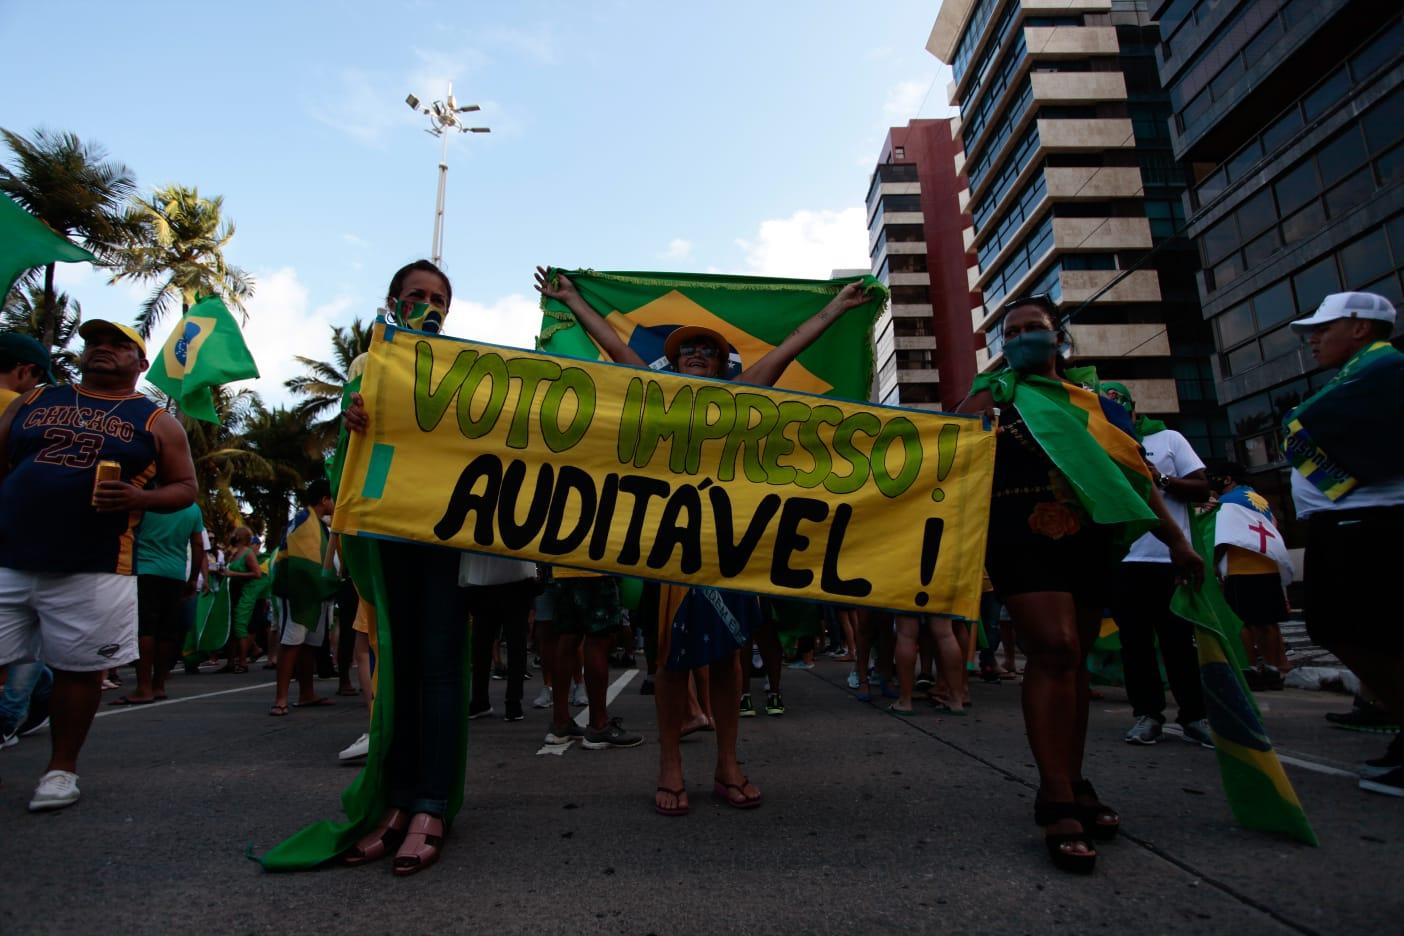 Os apoiadores fazem discursos nos carros de som, repetindo argumentos do presidente Jair Bolsonaro e exibem cartazes contra a urna eletrônica. ( Arnaldo Sete (@arnaldosete) / DP Foto)